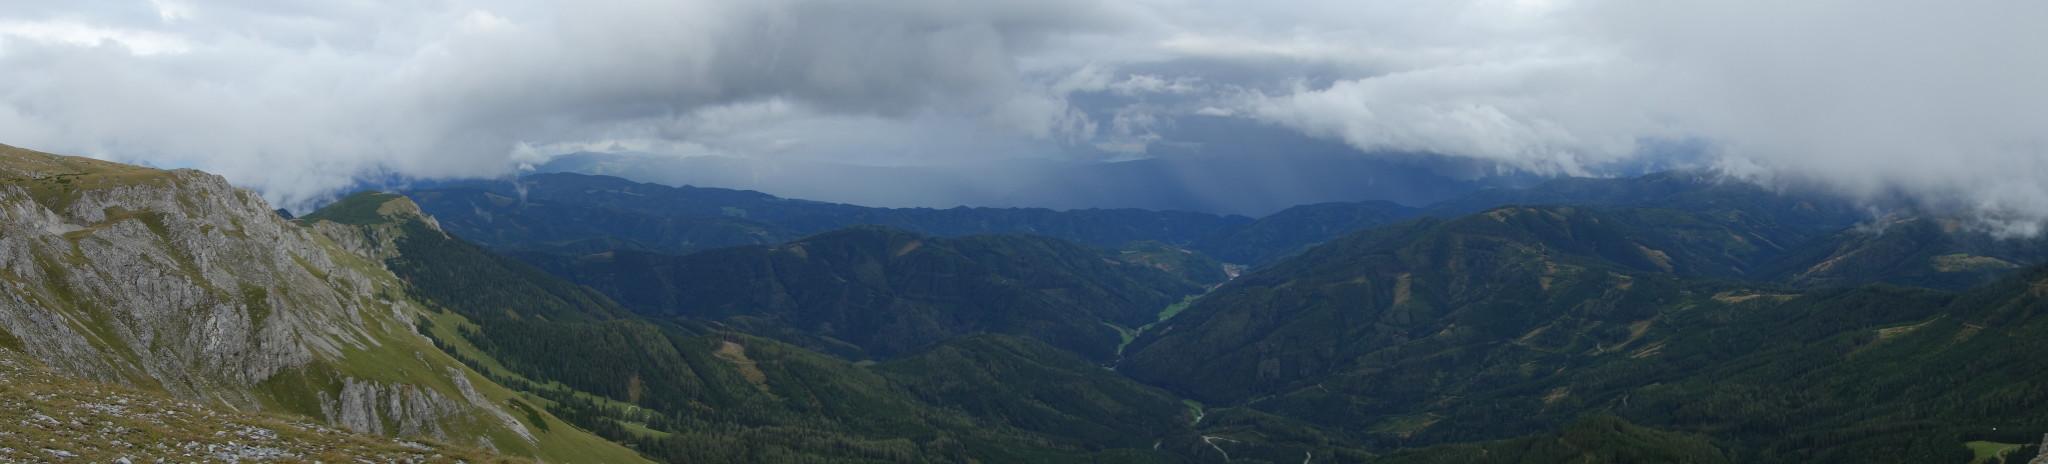 Panorama nach Süden, in der Mitte Dorf Veitsch.